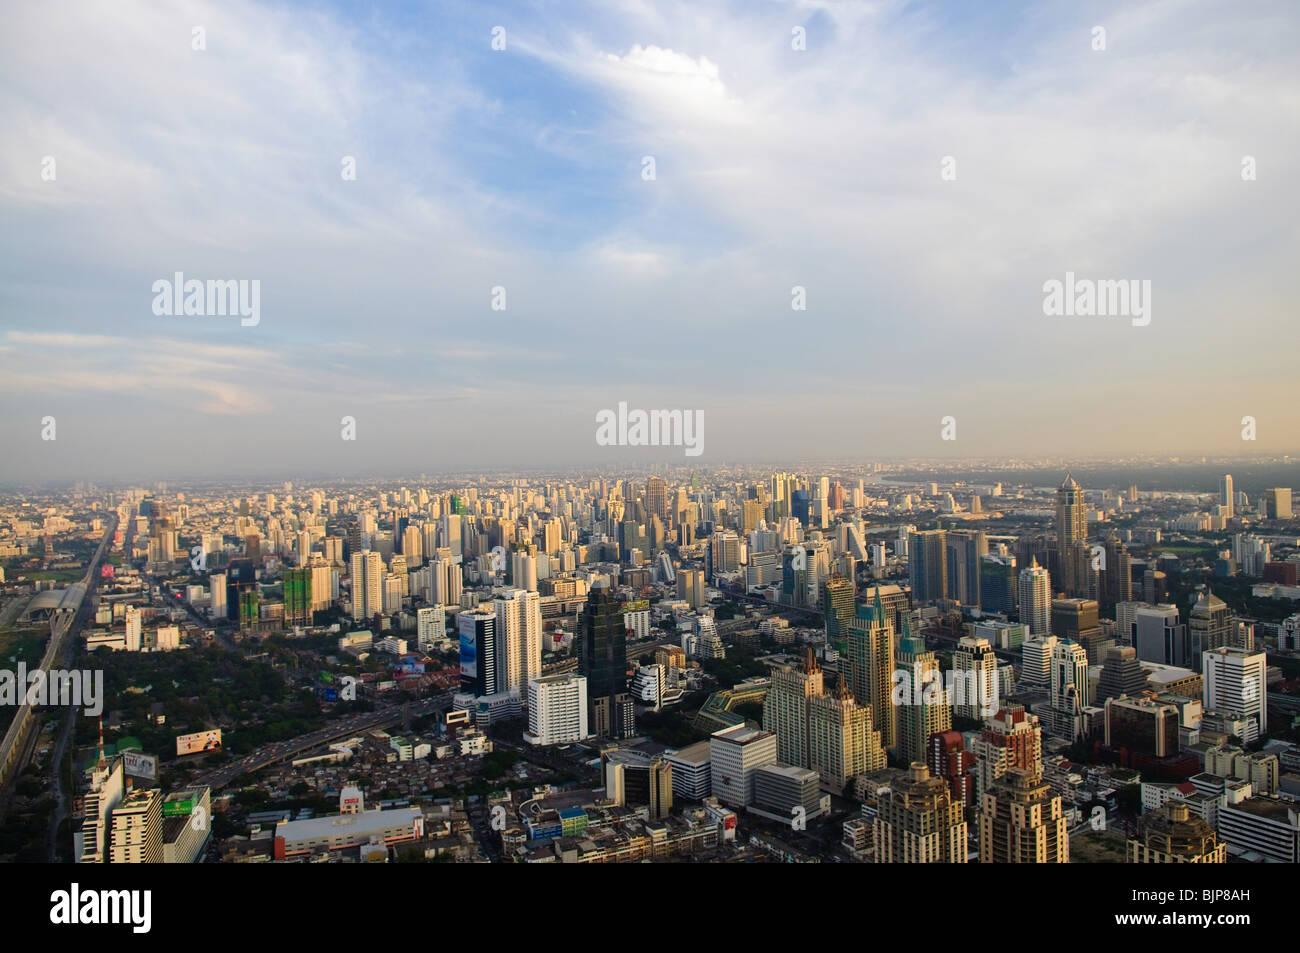 City skyline at sunset. Bangkok Thailand - Stock Image